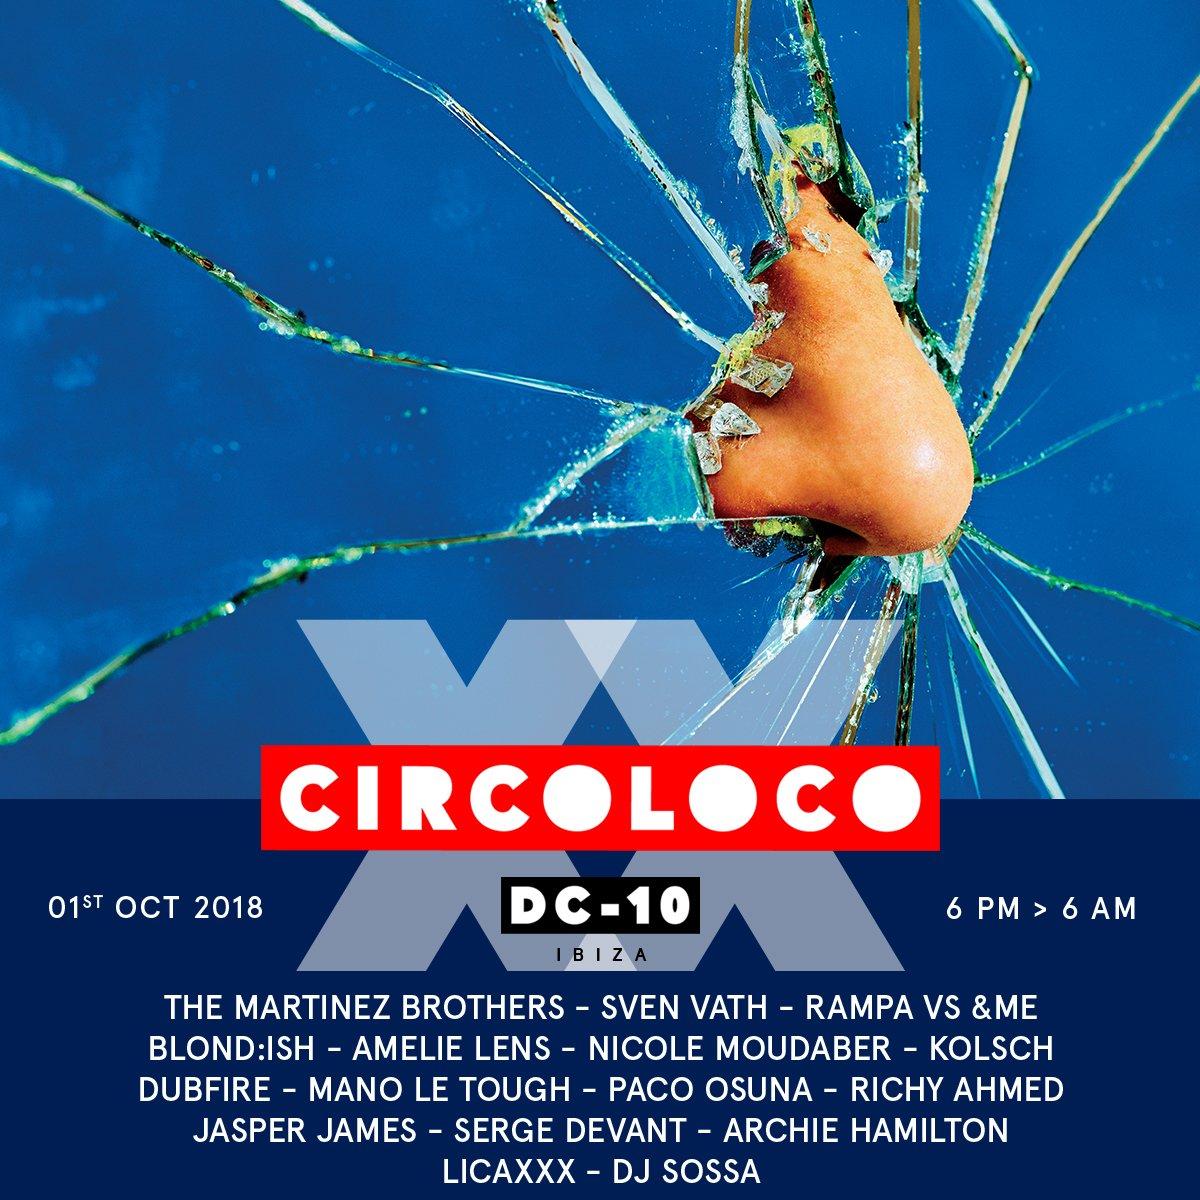 Circoloco - Circoloco Opening Party 2019   Facebook